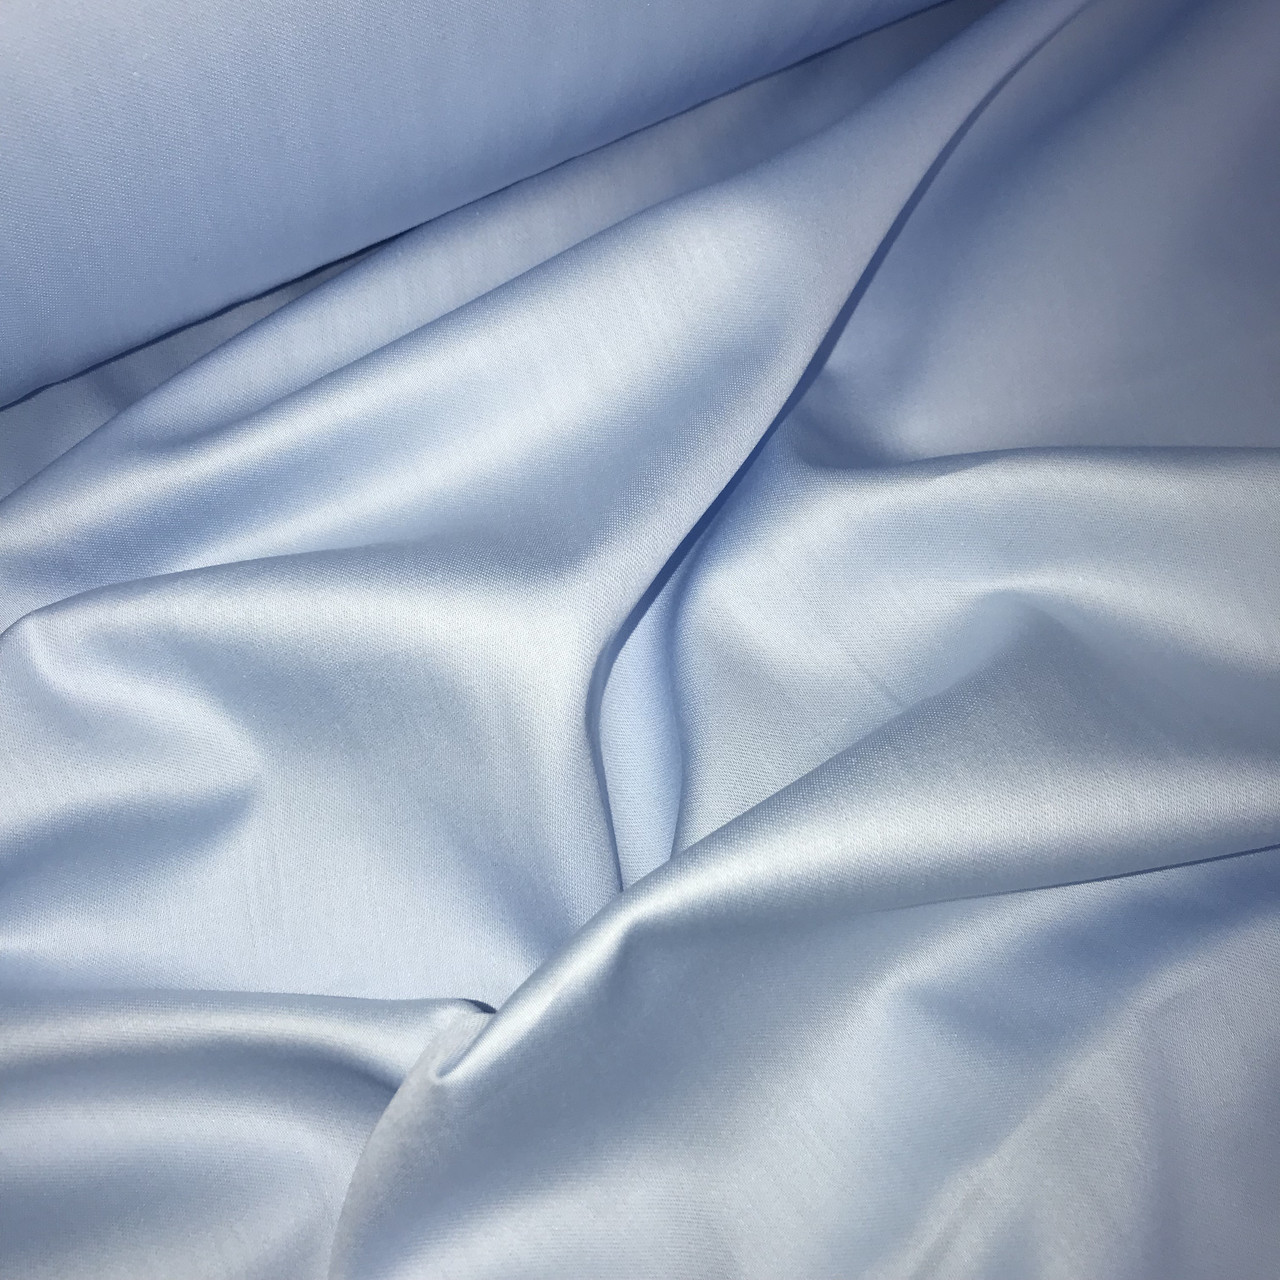 Сатин голубой для постельного белья,  мерсеризованный  (ТУРЦИЯ) ОТРЕЗ (размер 0,4*2,4 м)